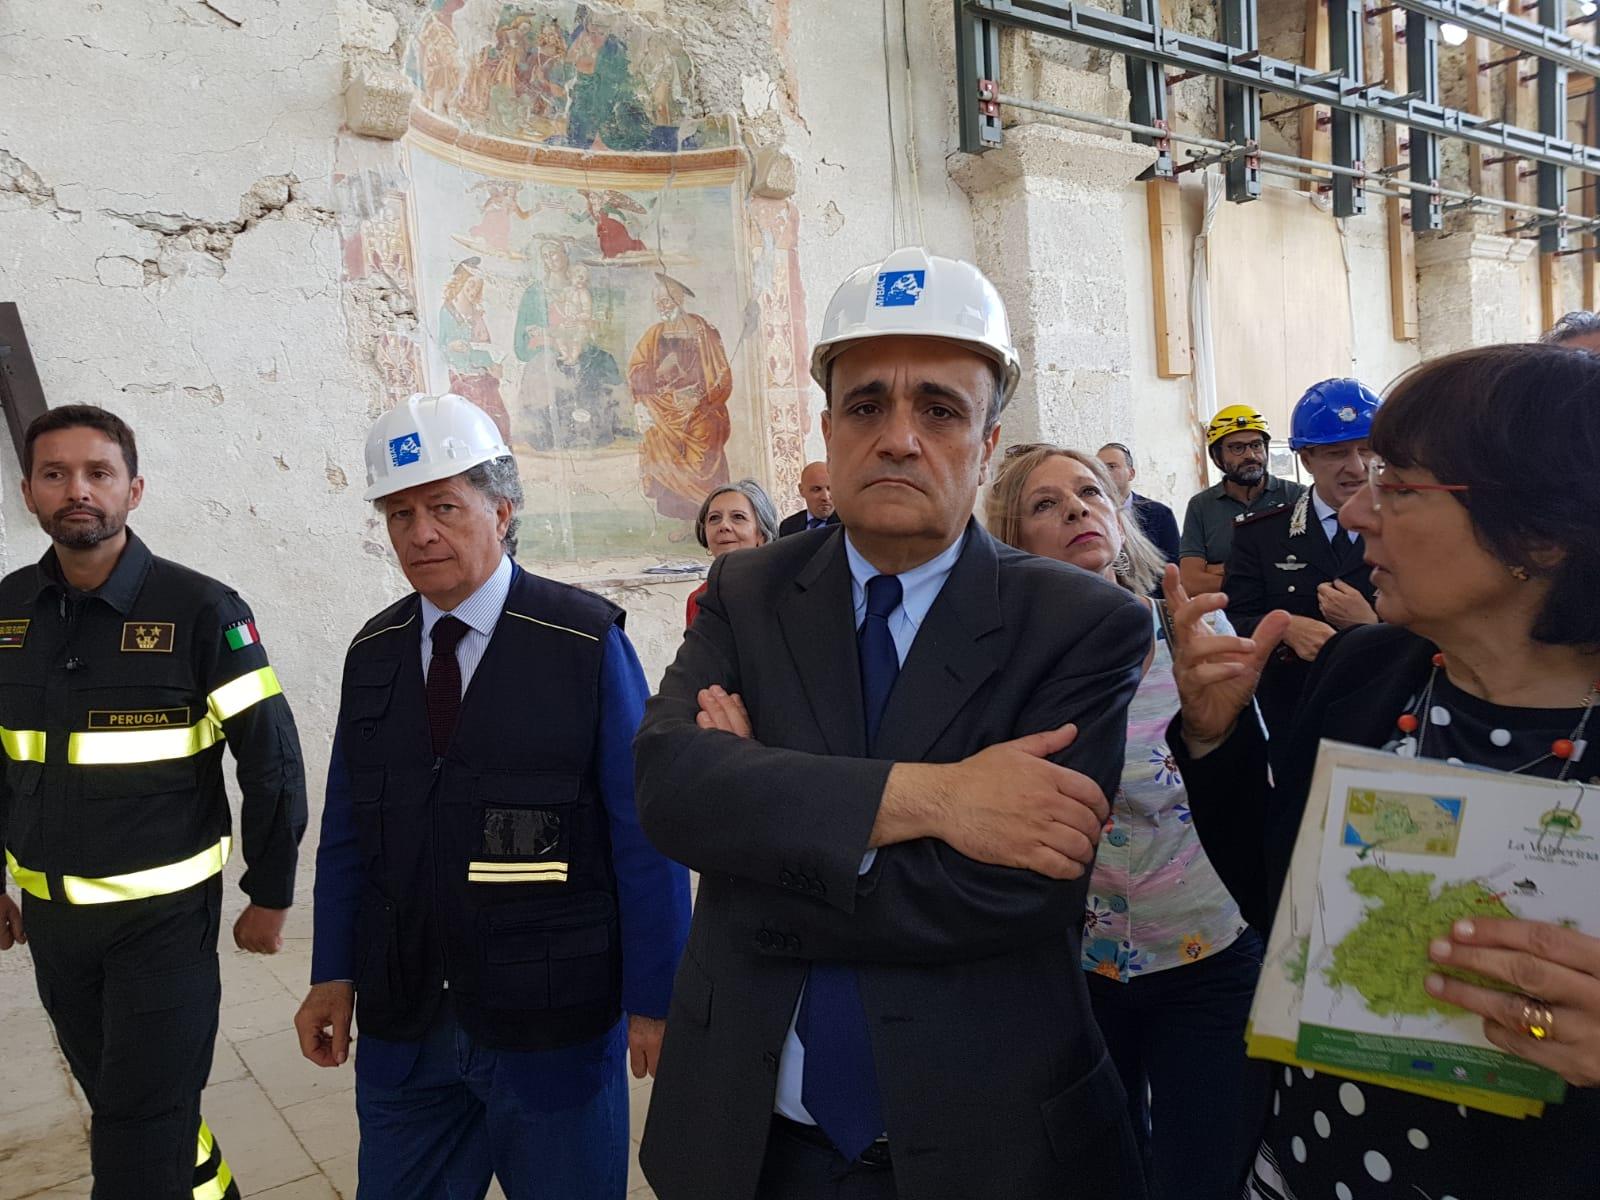 Bonisoli: beni culturali, dal 24 agosto termina l'emergenza sisma. Nel frattempo salvate migliaia di opere